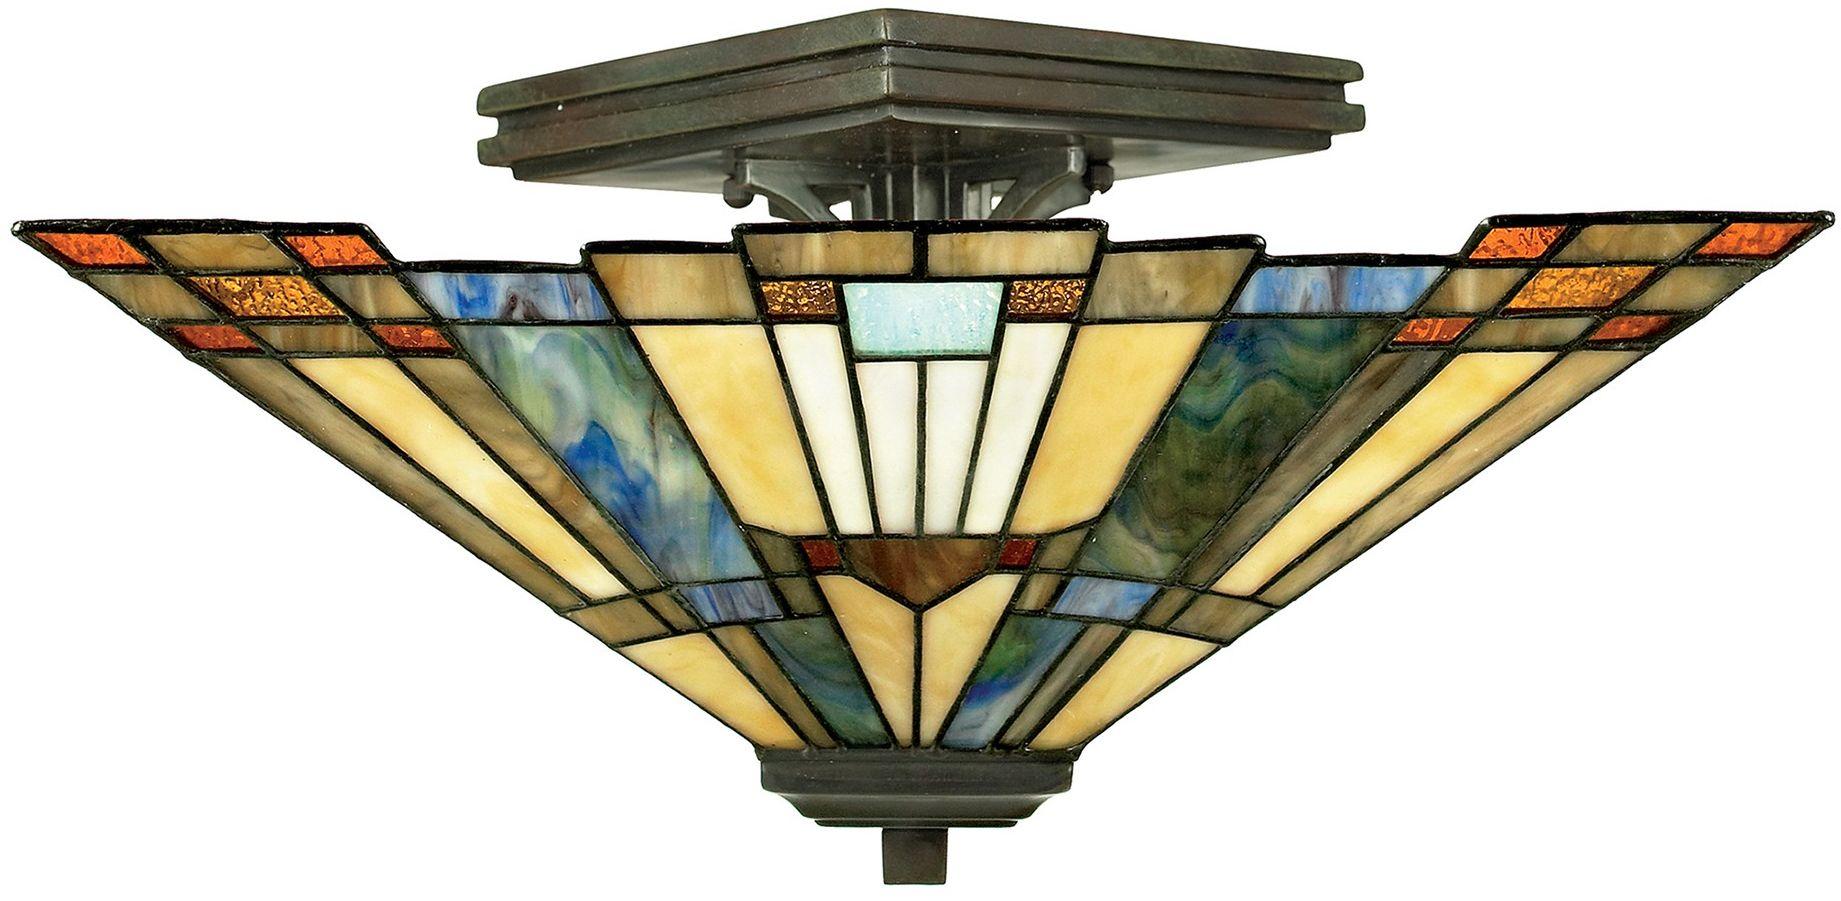 Inglenook lampa sufitowa witrażowa tiffany QZ-INGLENOOK-SF - Quoizel // Rabaty w koszyku i darmowa dostawa od 299zł !